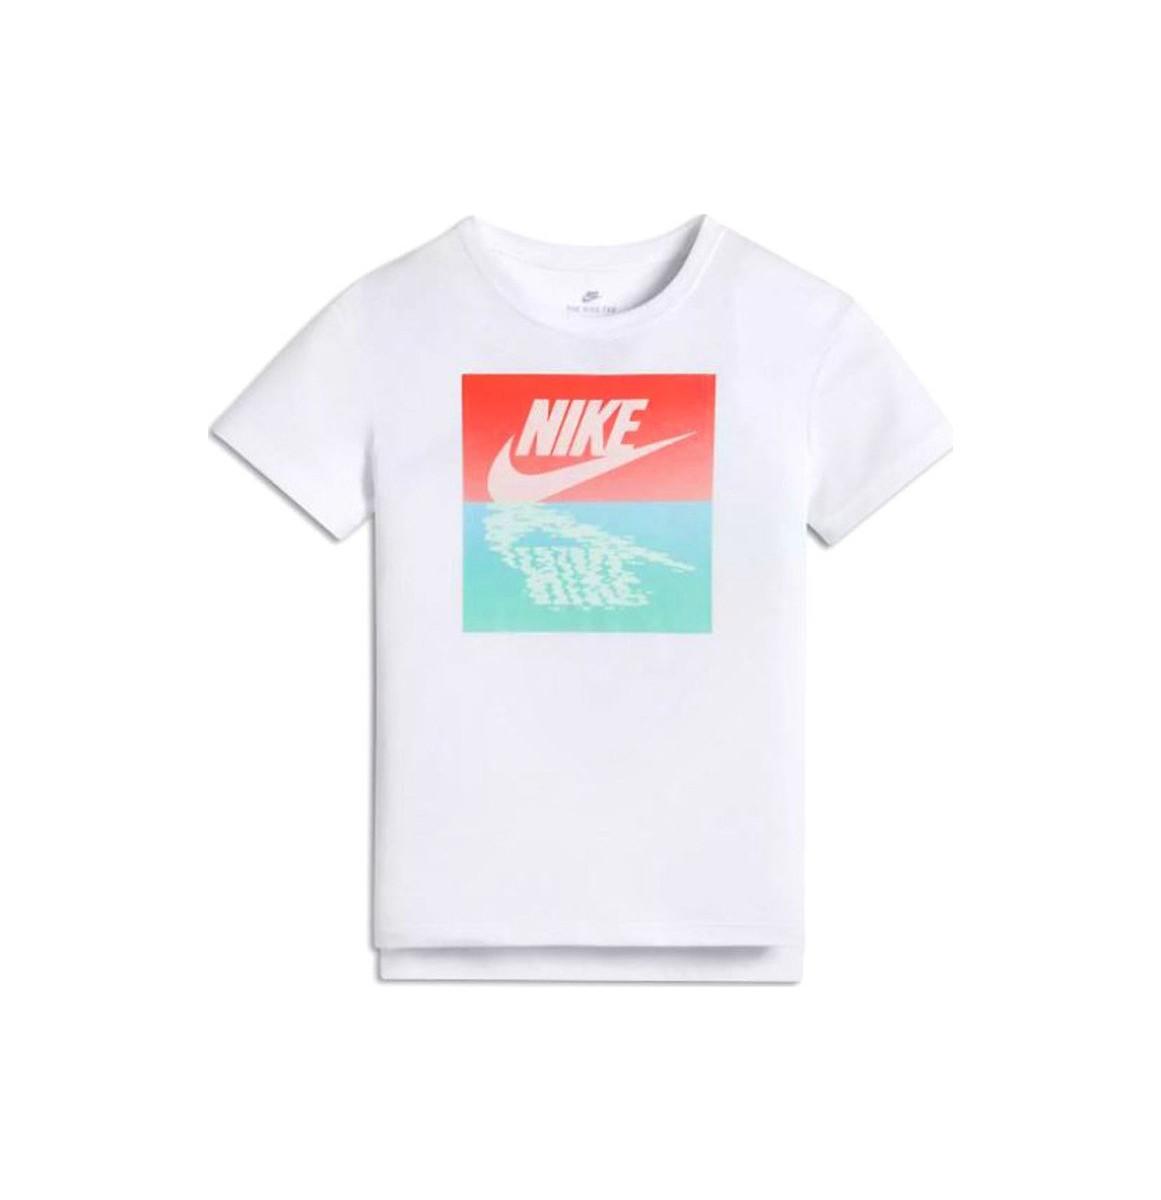 2457decb66ee aspera - Μπλούζες Κοριτσιών Nike | BestPrice.gr